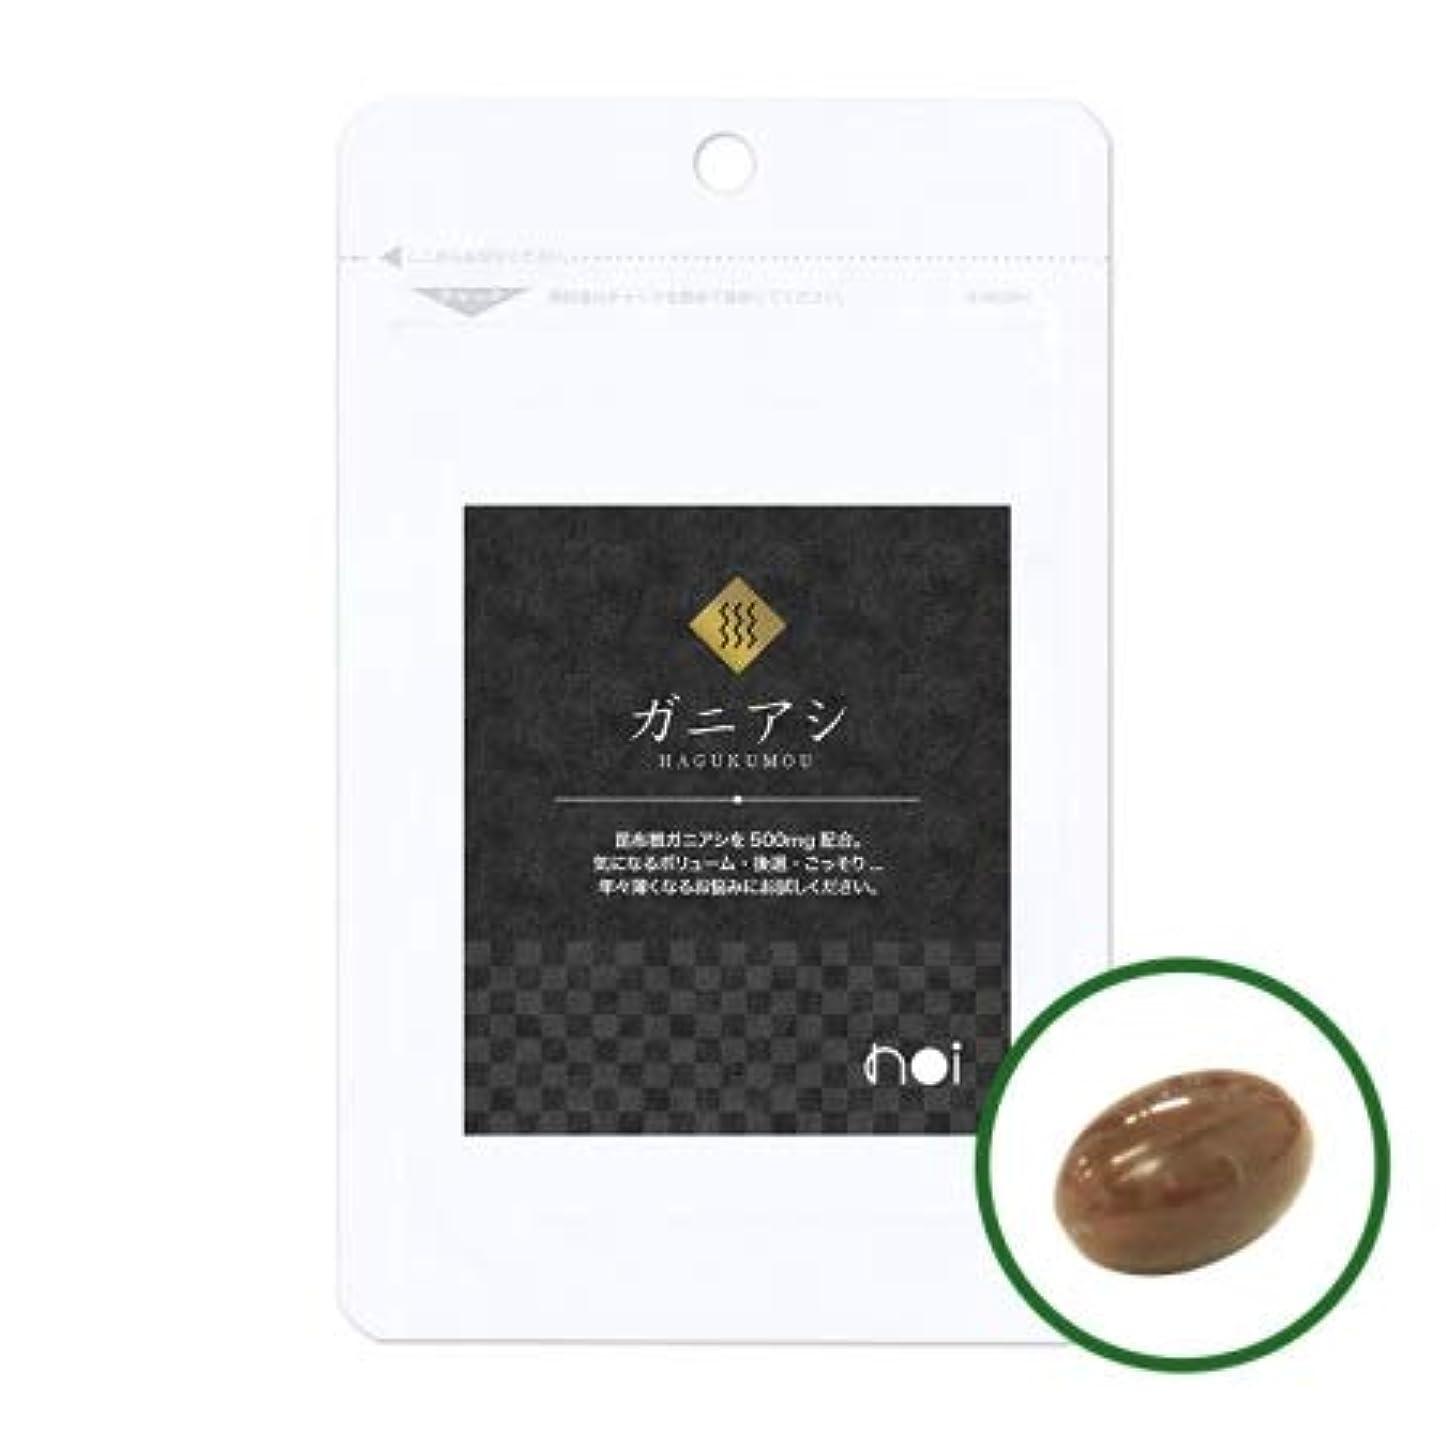 肉腫責めイチゴnoi ガニアシ アグリマックス サプリメント 30袋セット 国産 ギガ盛り30%OFF